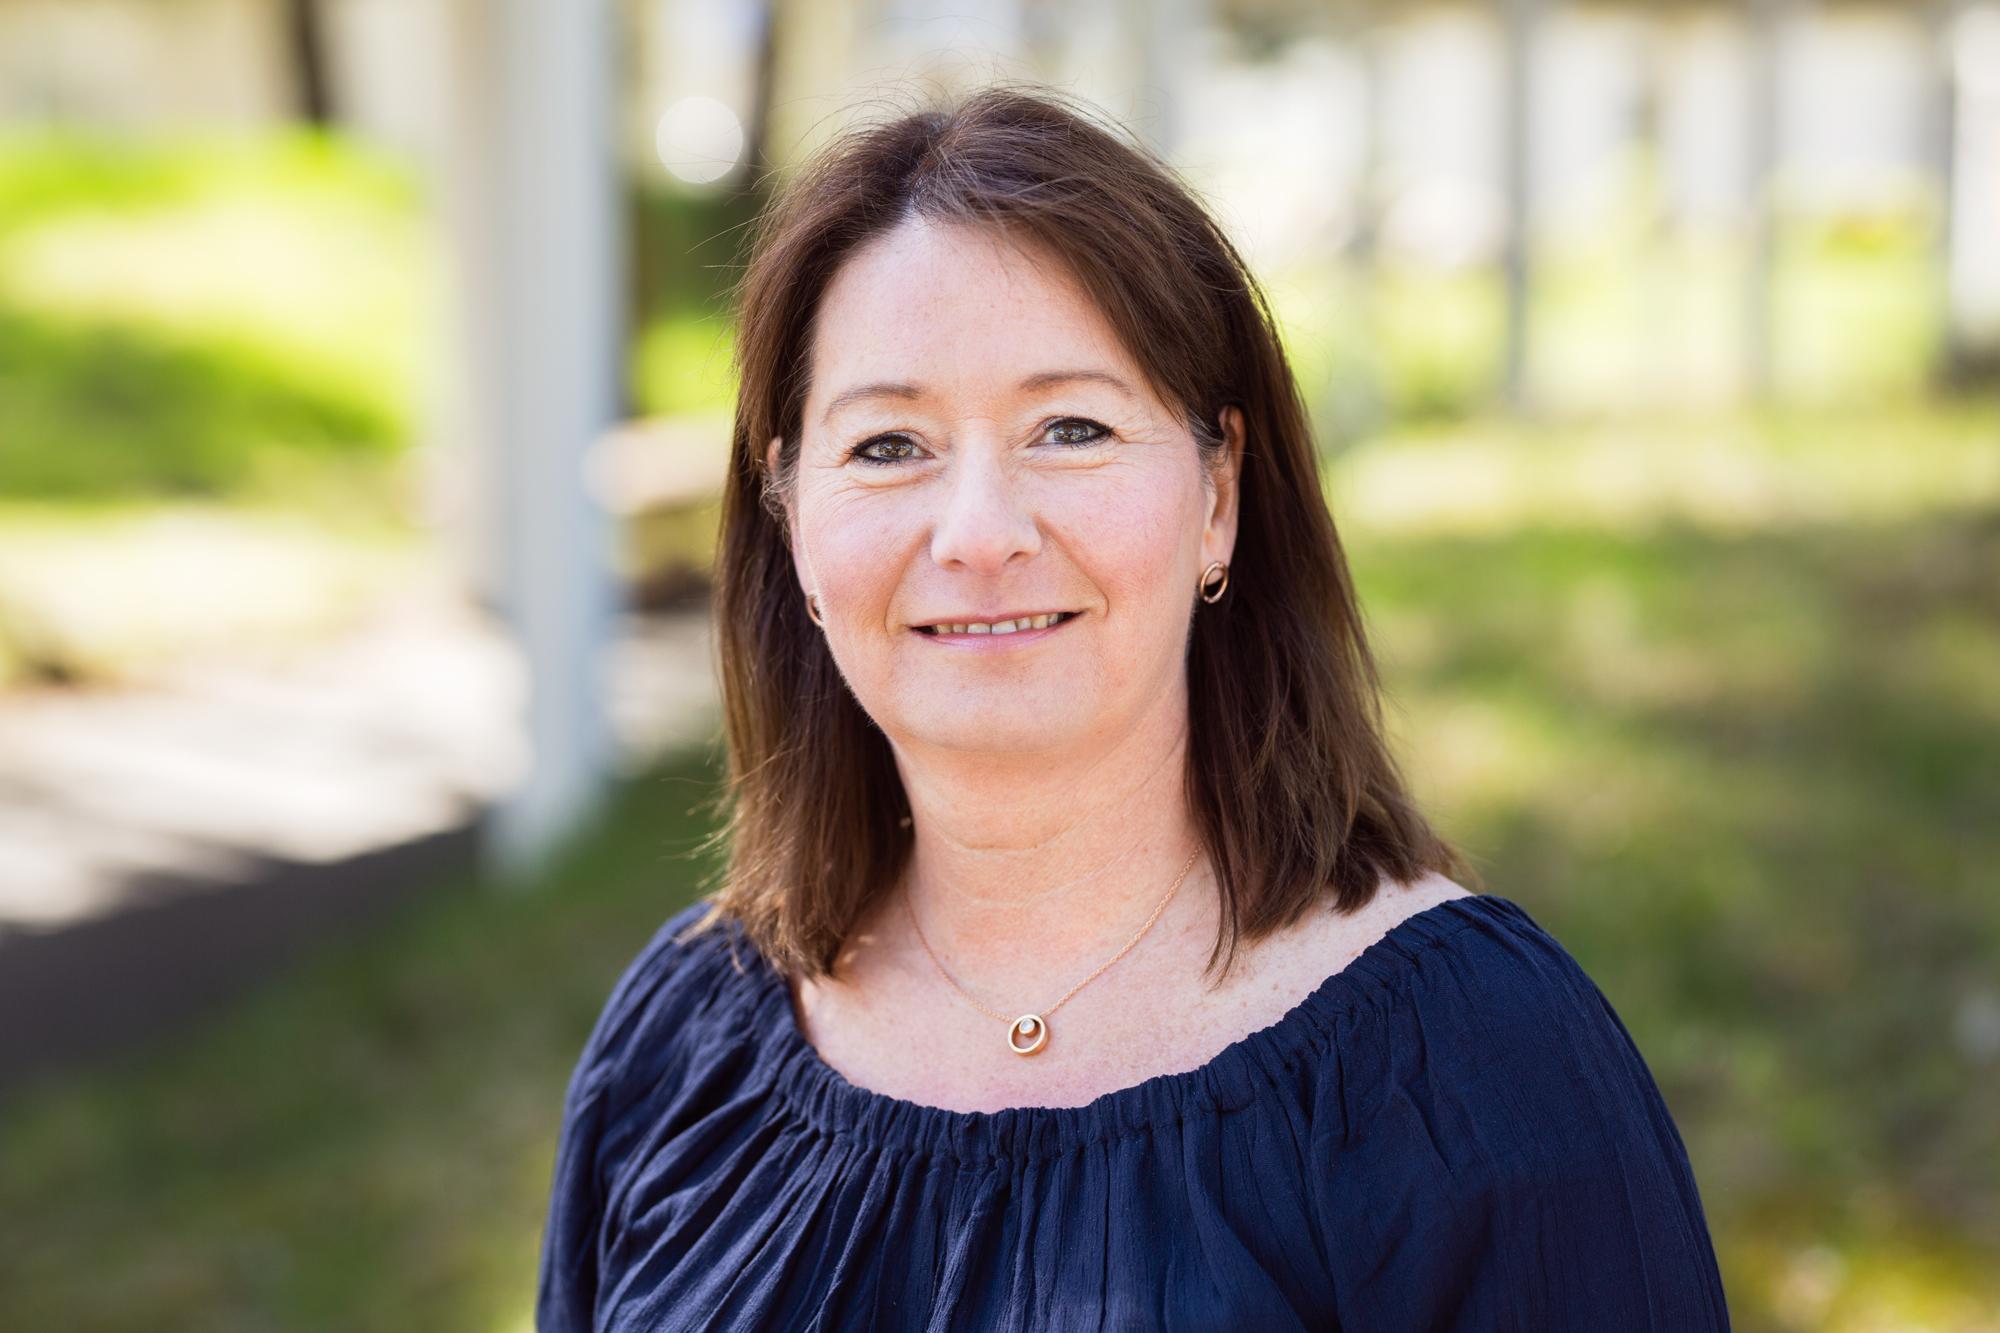 Monica Lundquist